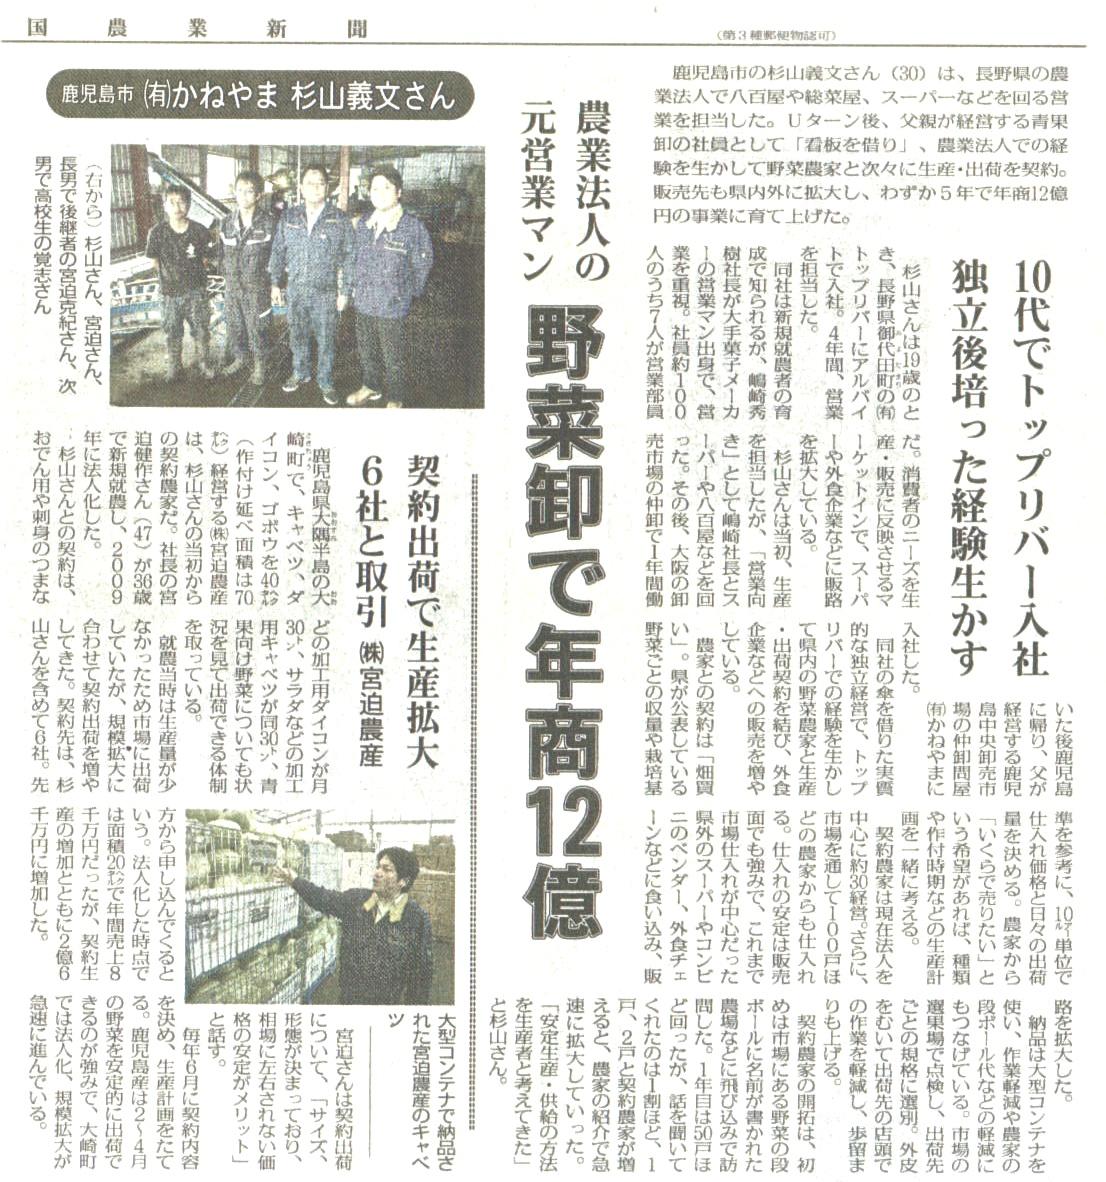 【メディア掲載】2013年4月19日 全国農業新聞